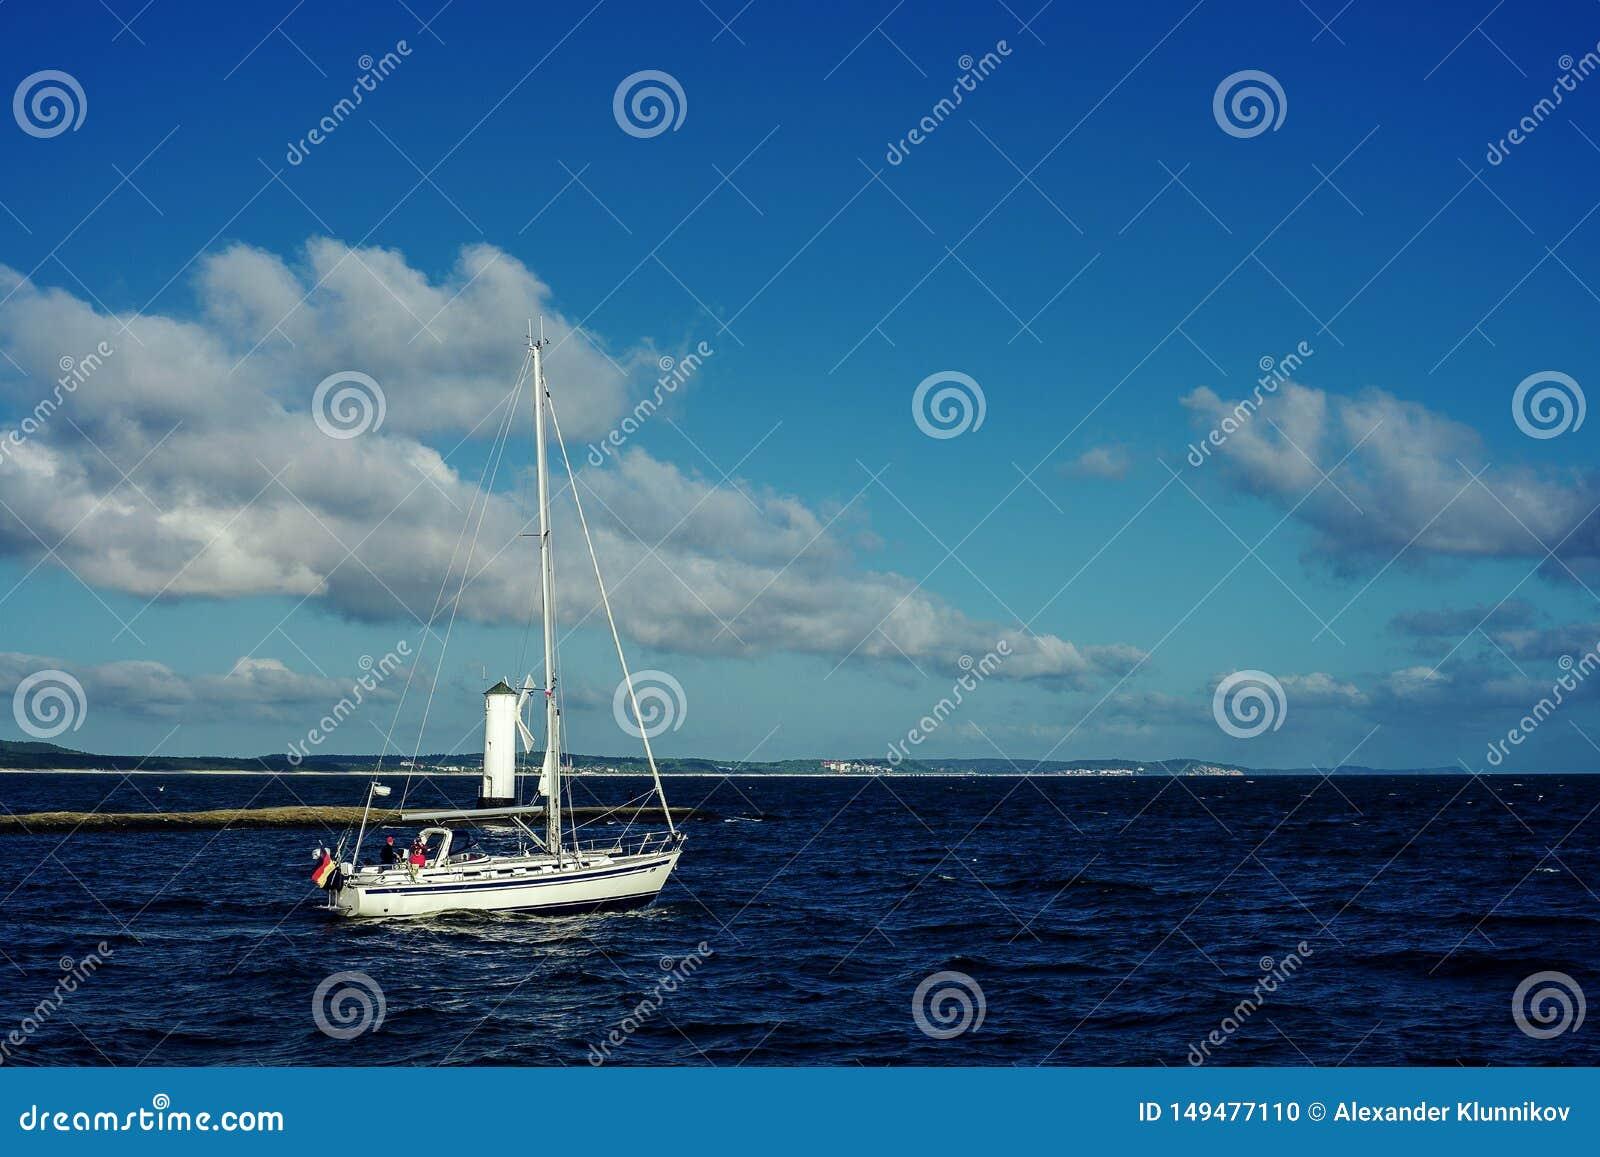 White sailing boat under way using engine on the background land.